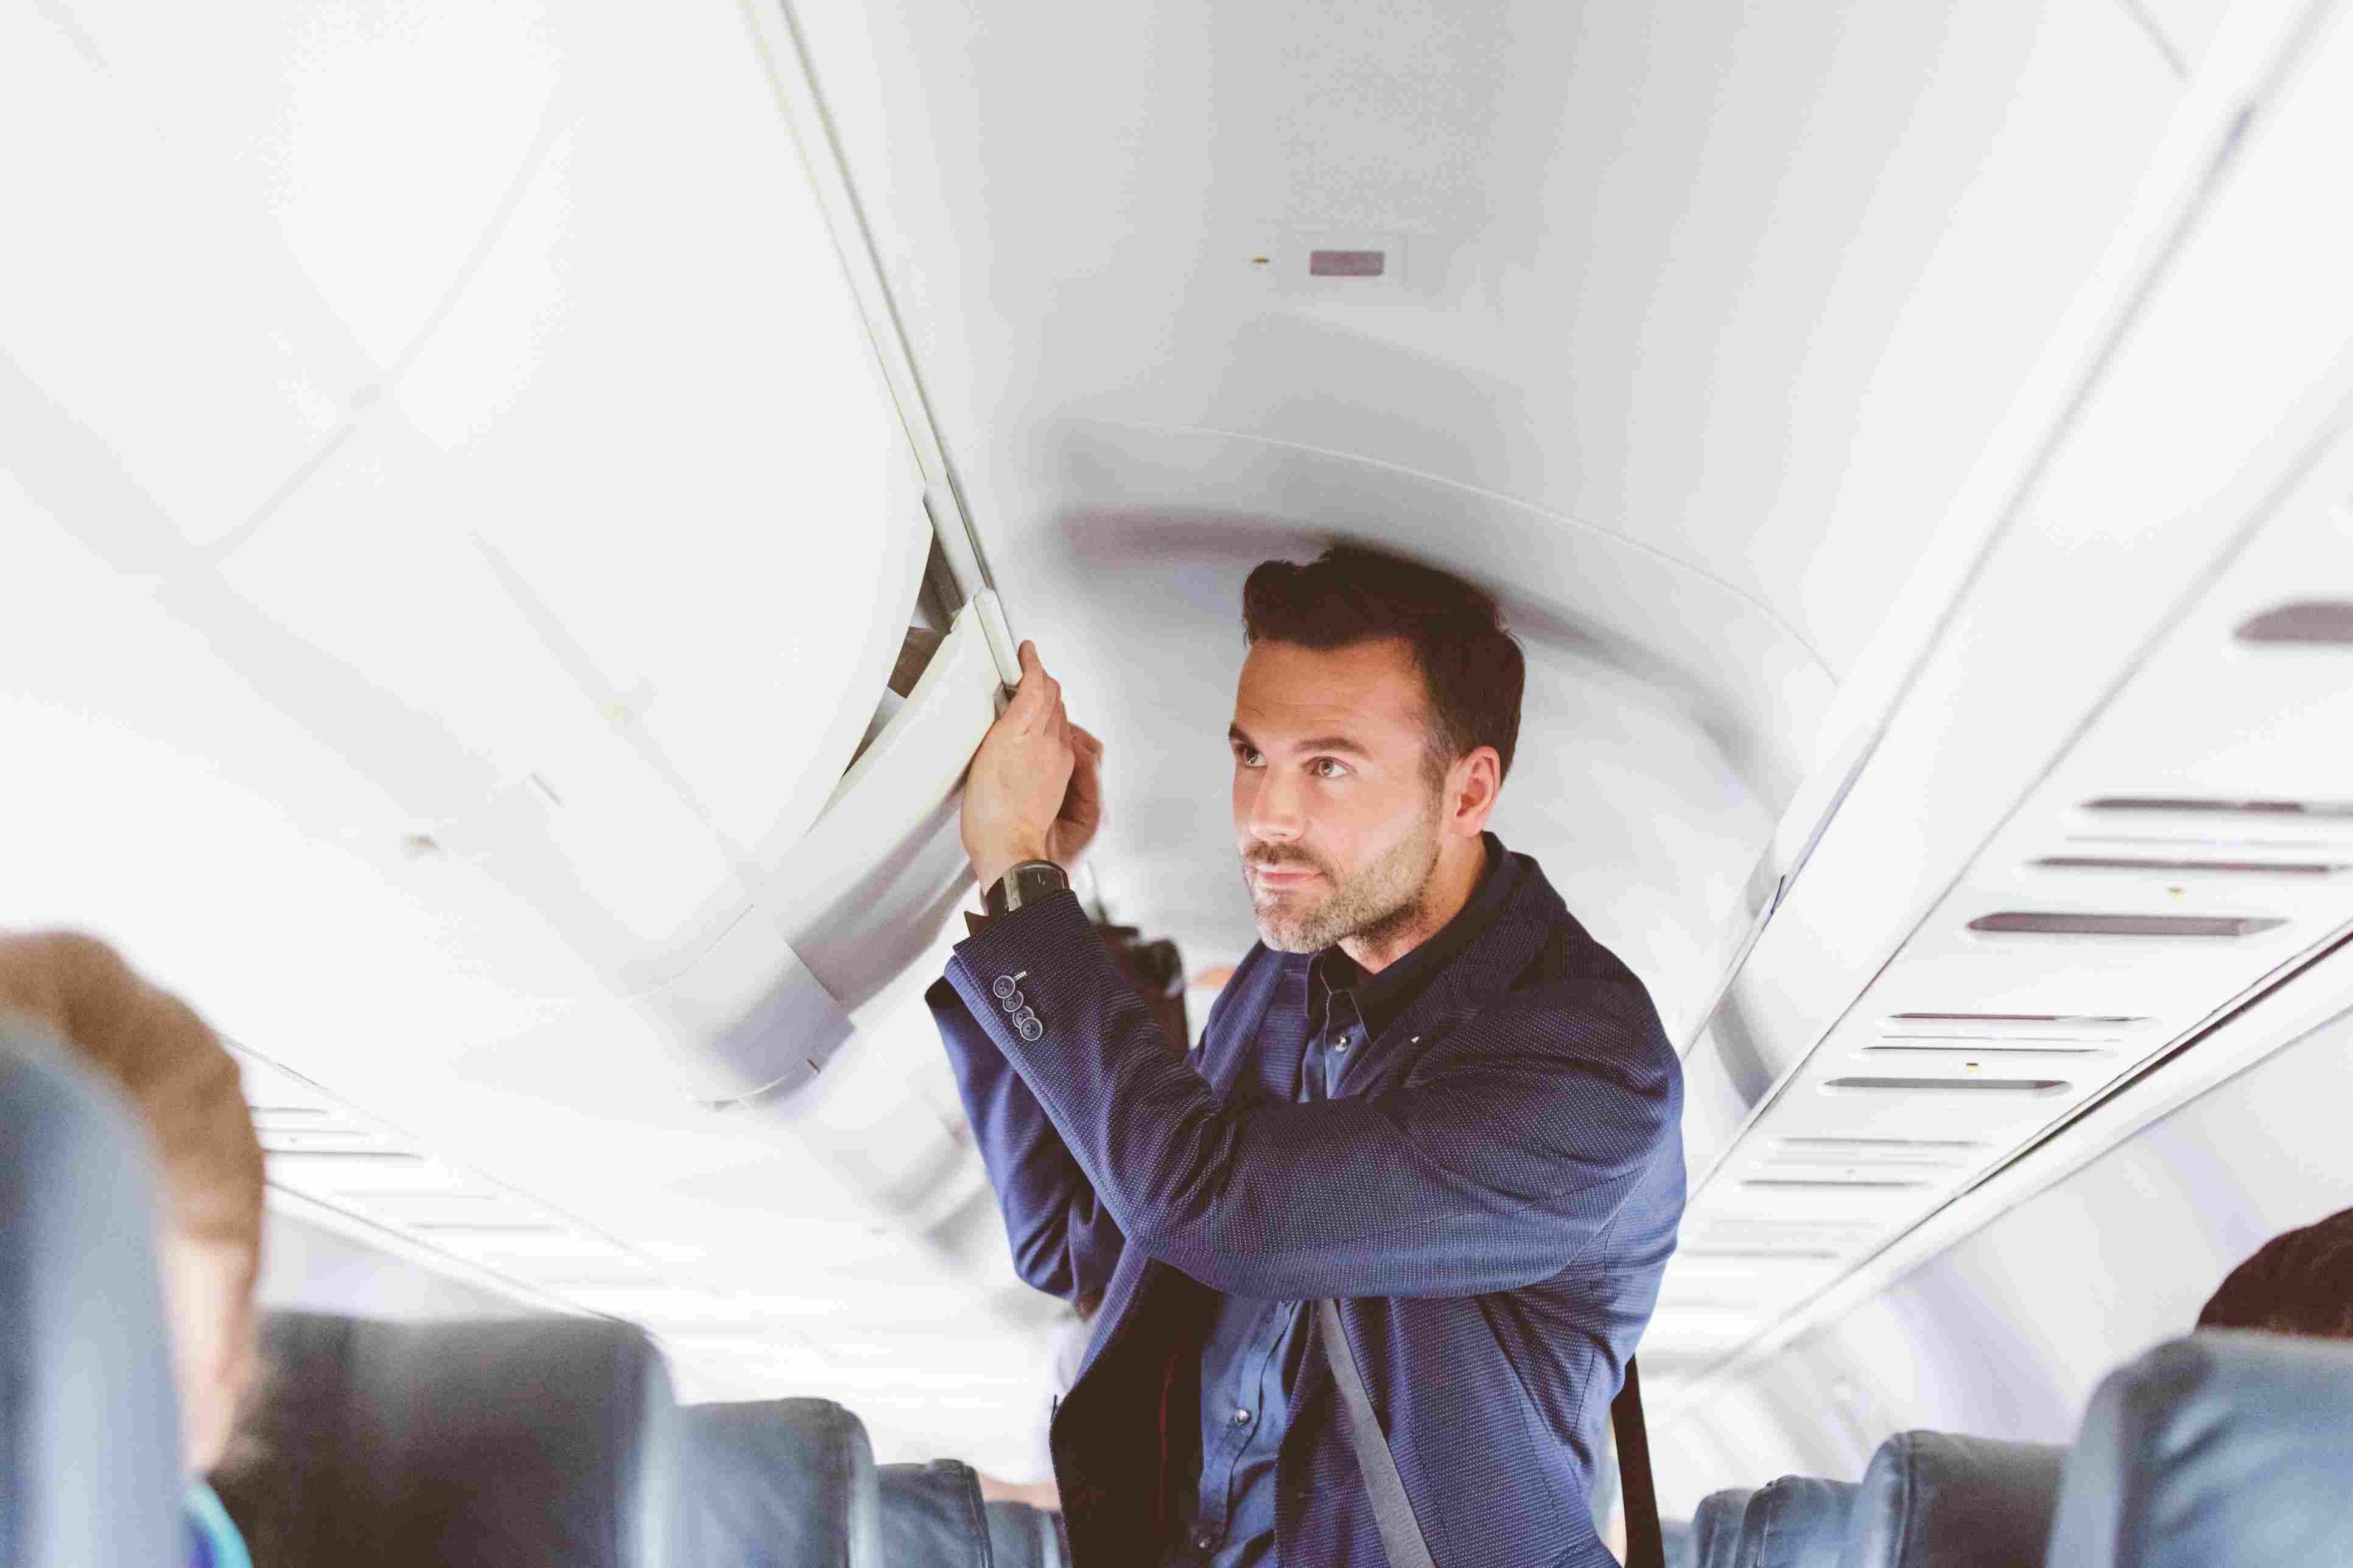 Man traveling by flight storing handbag in overhead locker